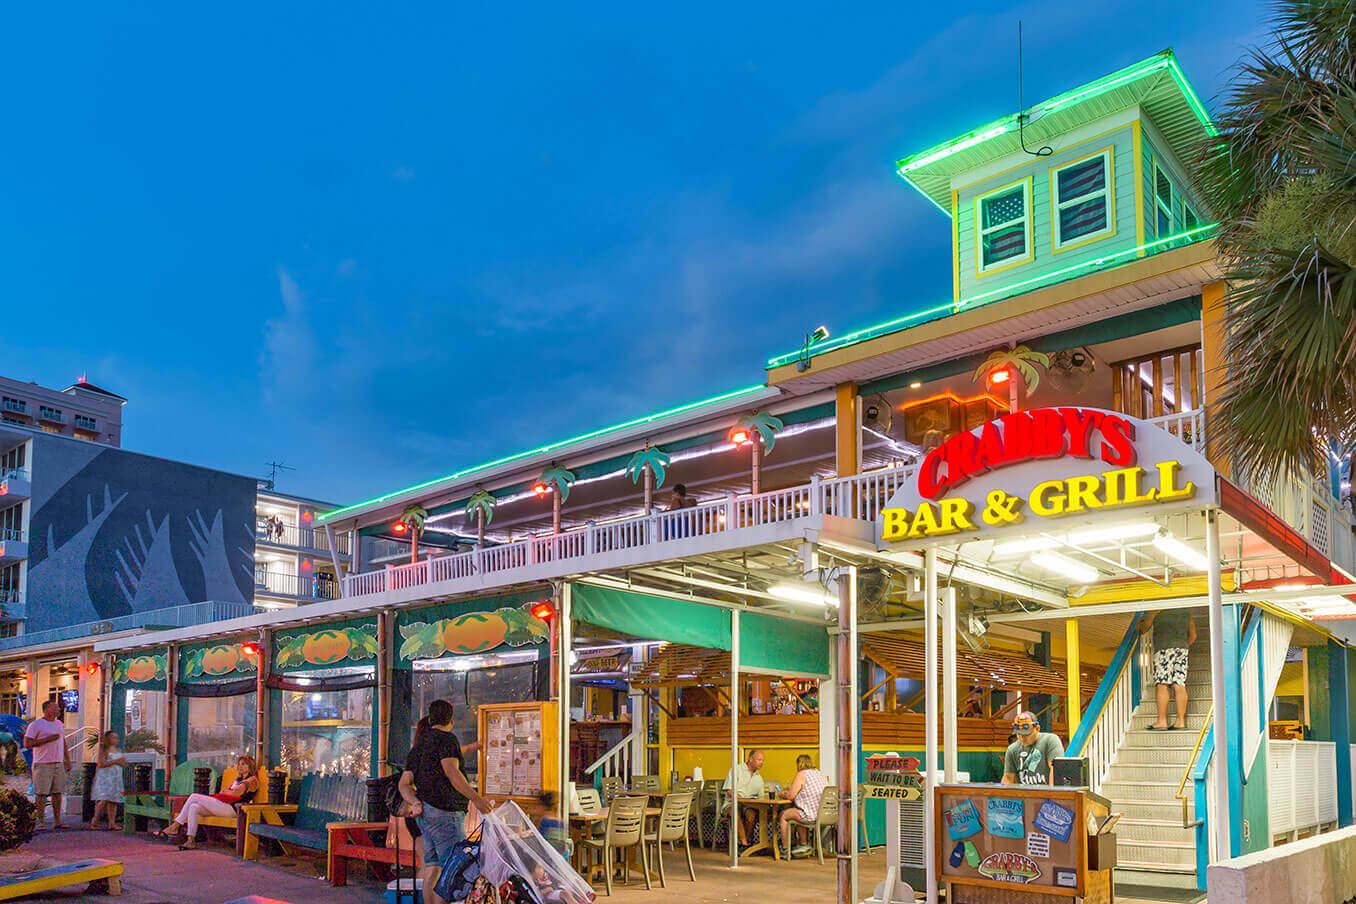 O que fazer à noite em Clearwater: restaurante Crabby's Bar & Grill